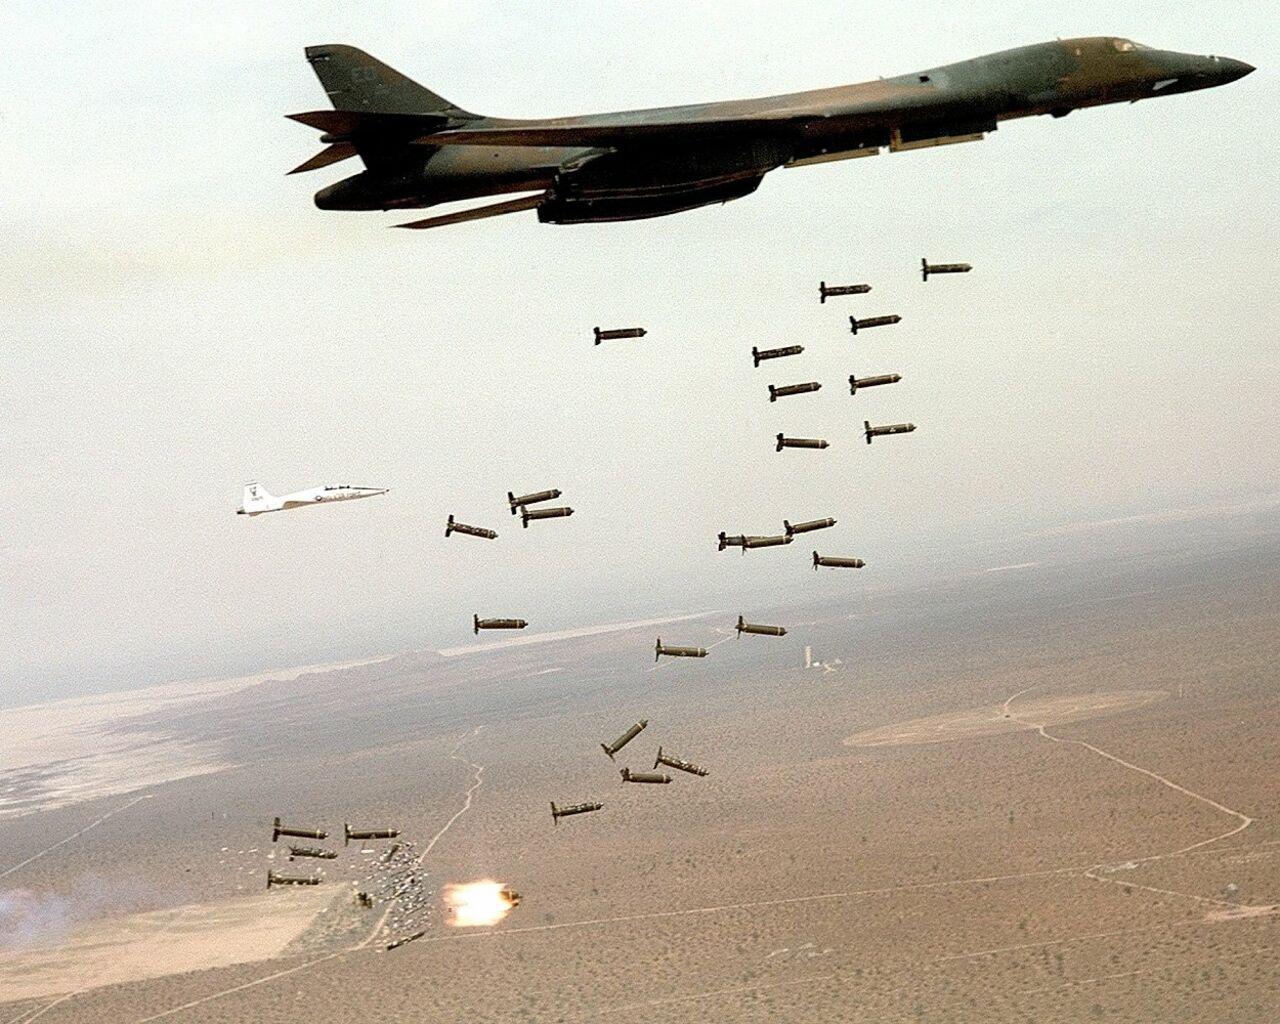 ВСША больше небудут производить скандальные кассетные бомбы